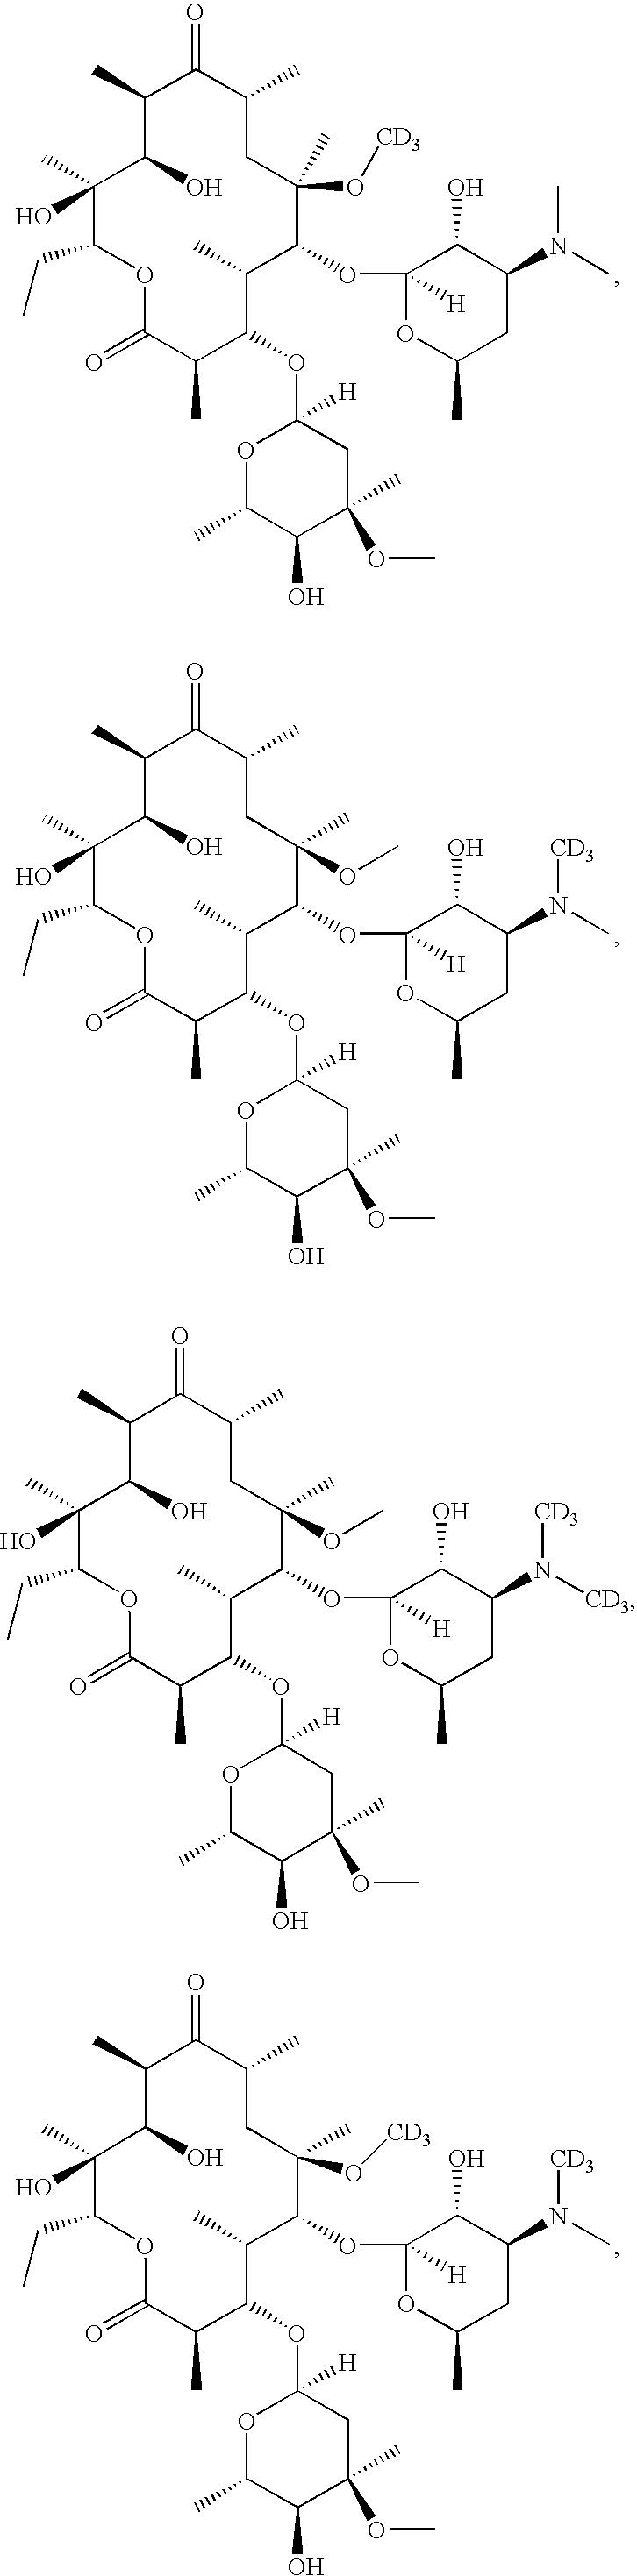 Figure US20070281894A1-20071206-C00026